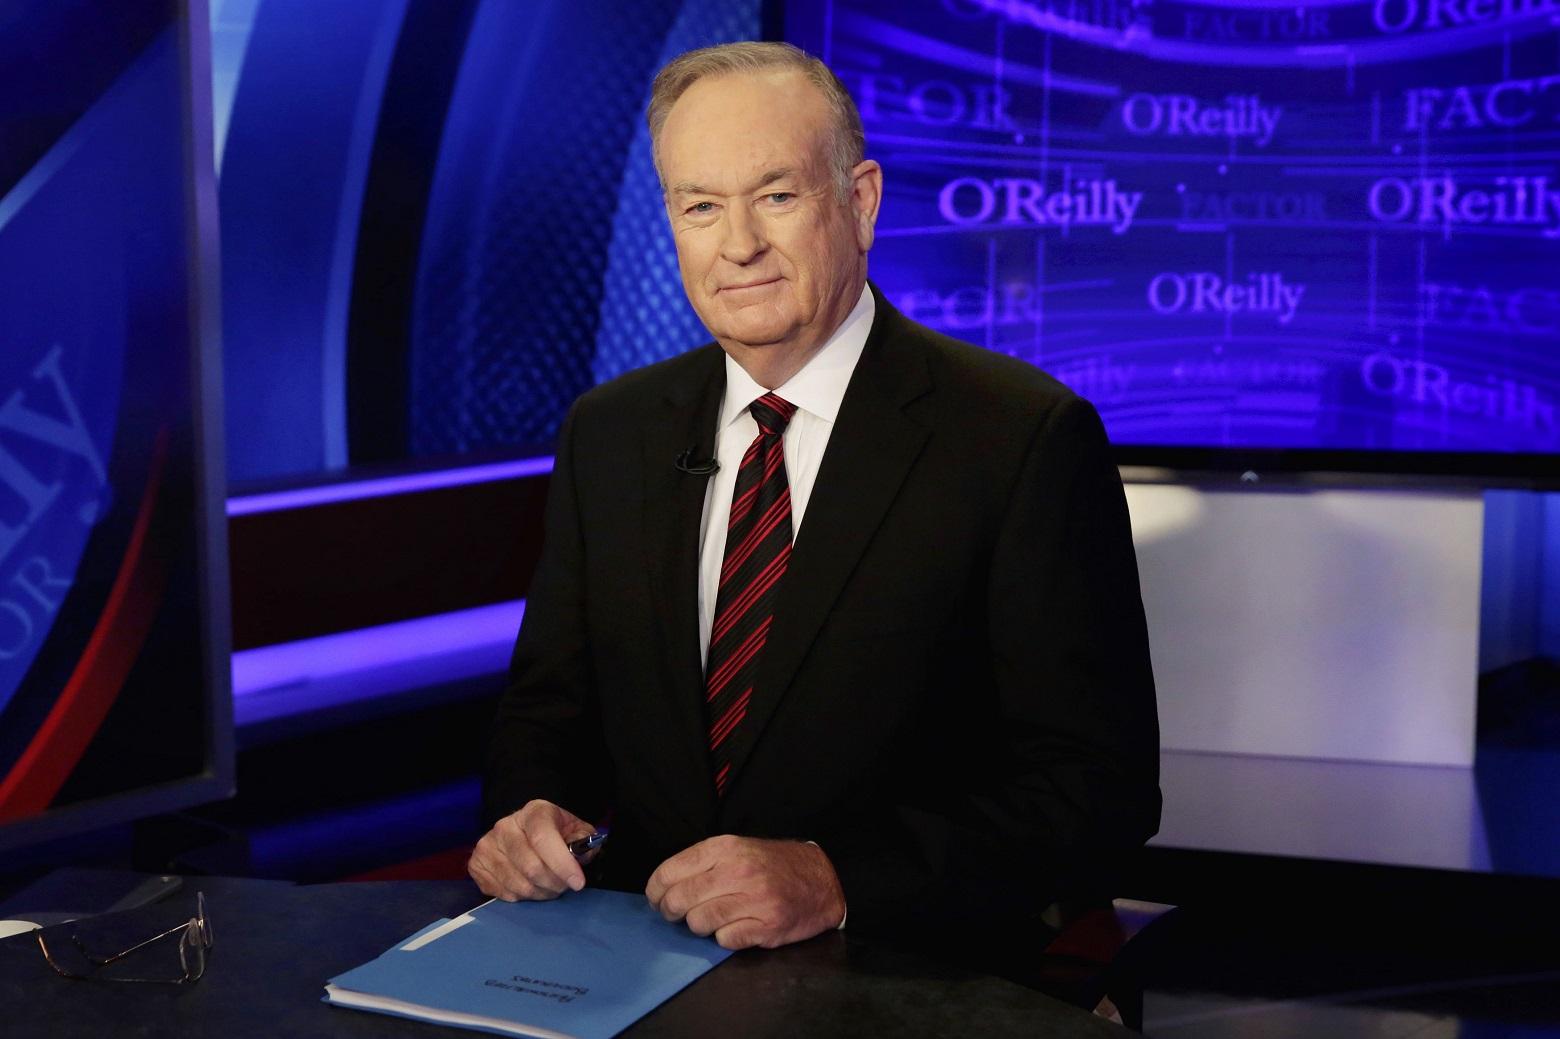 Bill O'Reilly fired